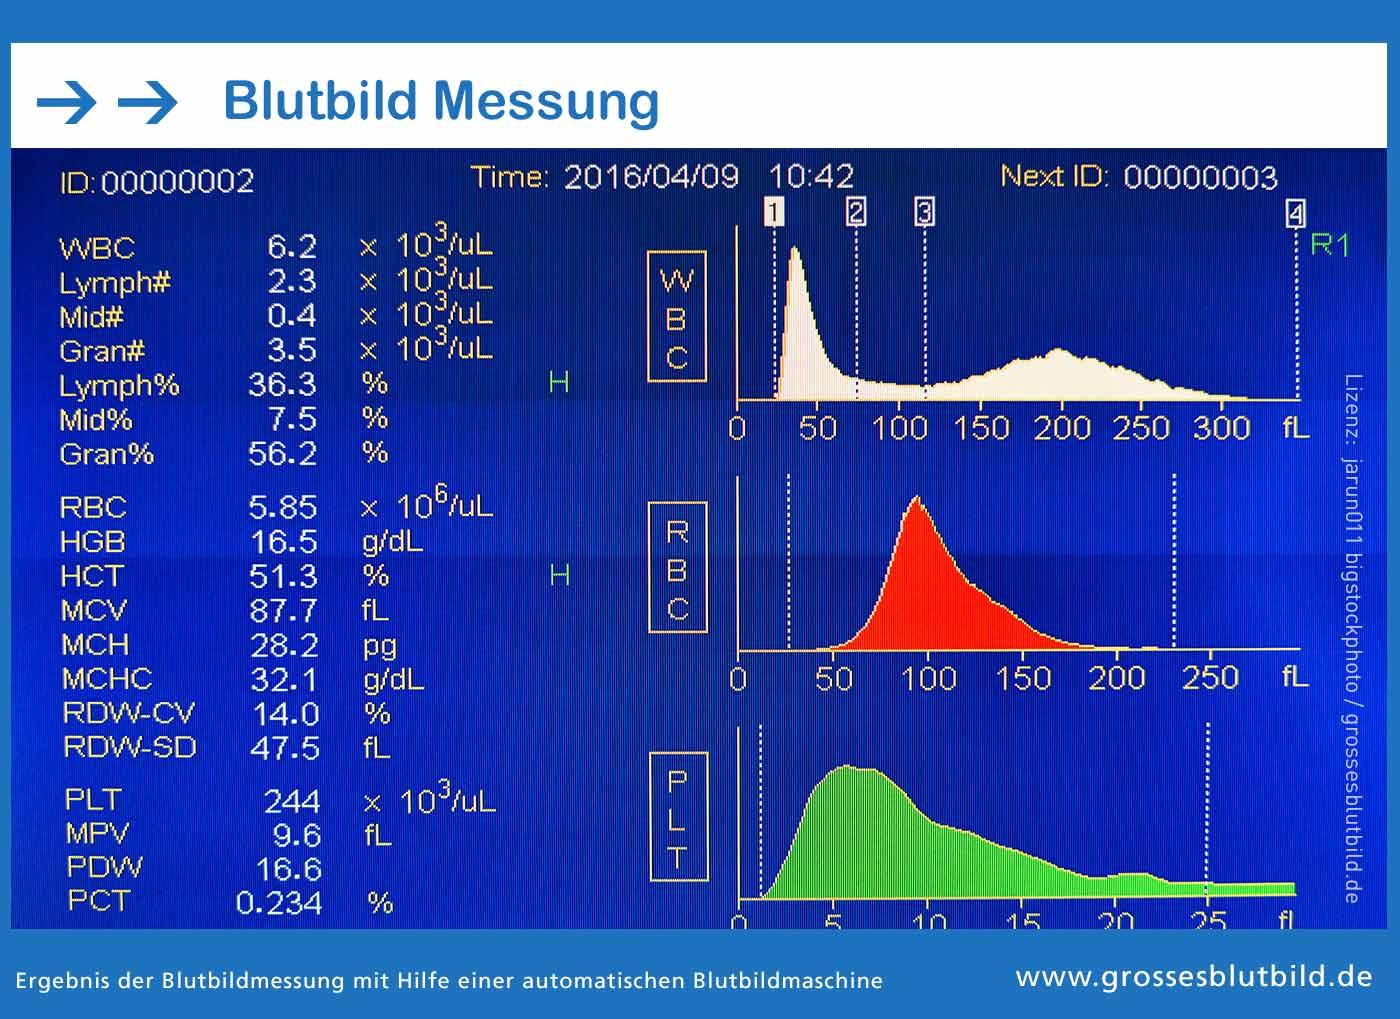 Blutbild Messung